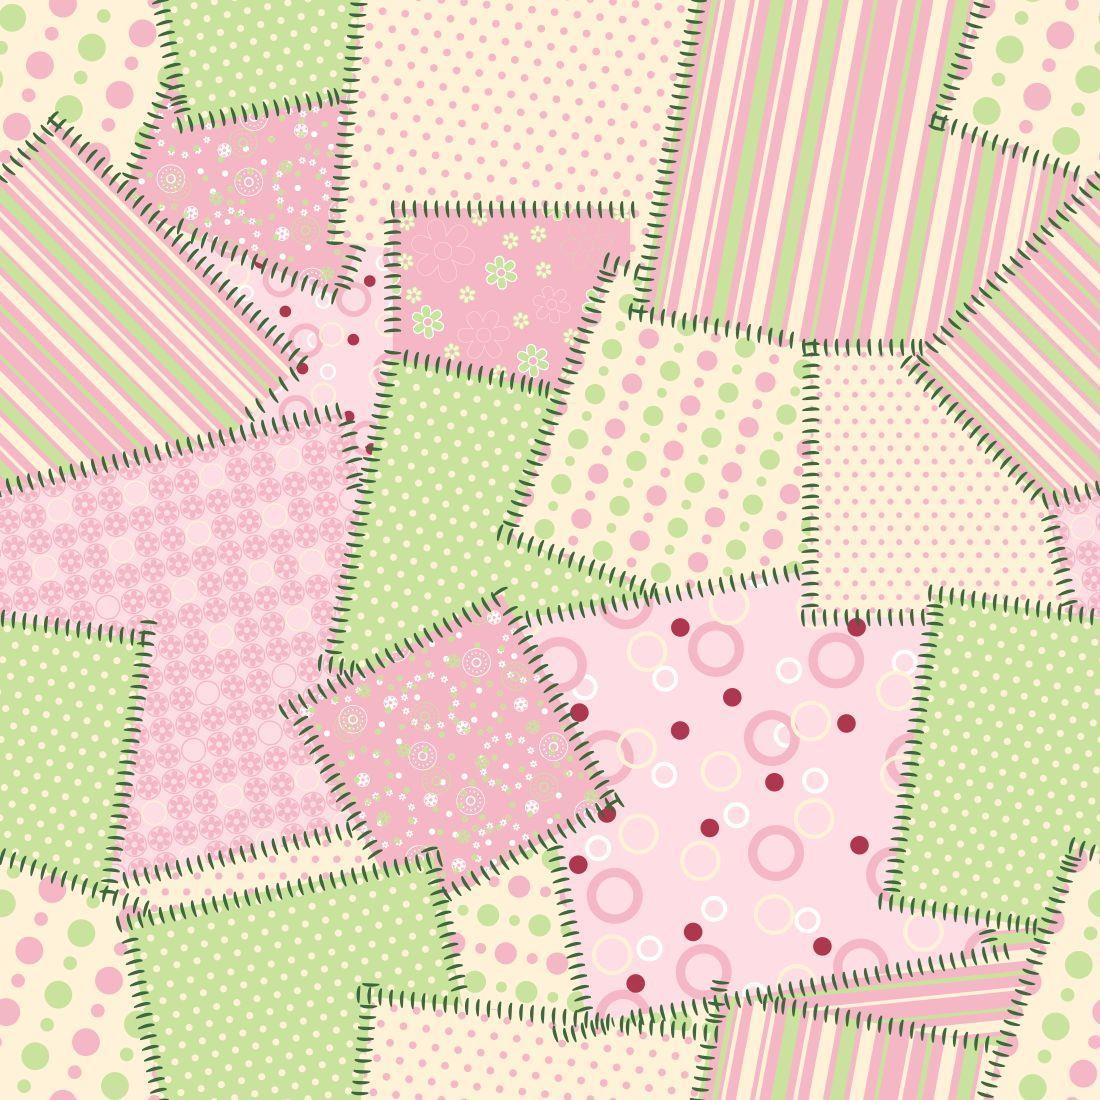 Papel de parede patchwork decor 24 no elo7 crie decore - Papel decoupage infantil ...